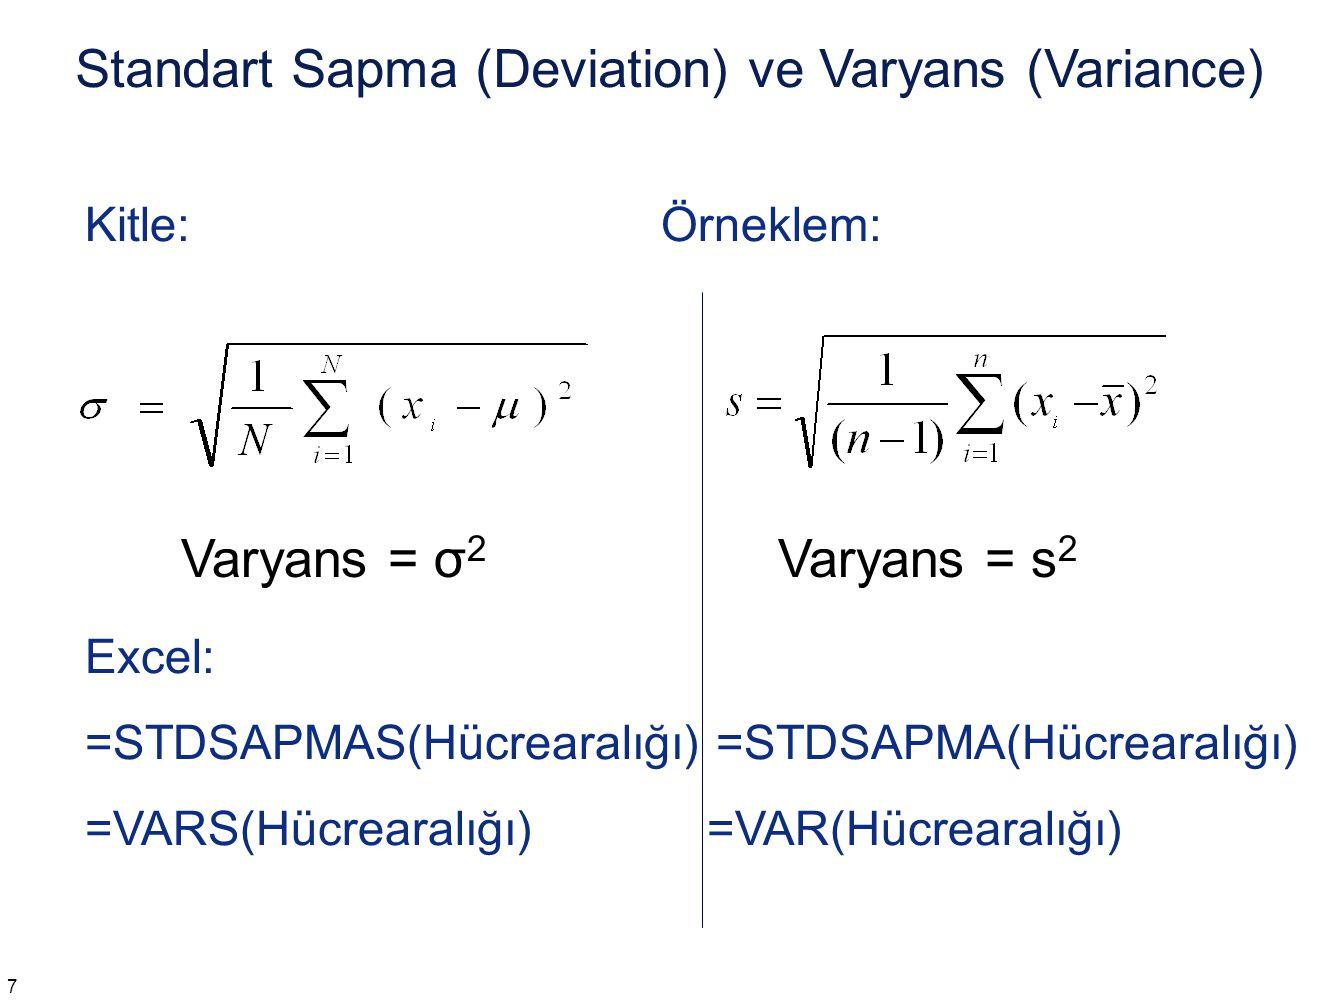 Hatırlatma: Normal Dağılım (Normal Distribution) Oransal (Relative) Frekans OF ortalama x 8 Normal dağılım Gauss dağılımı olarak da adlandırılır.